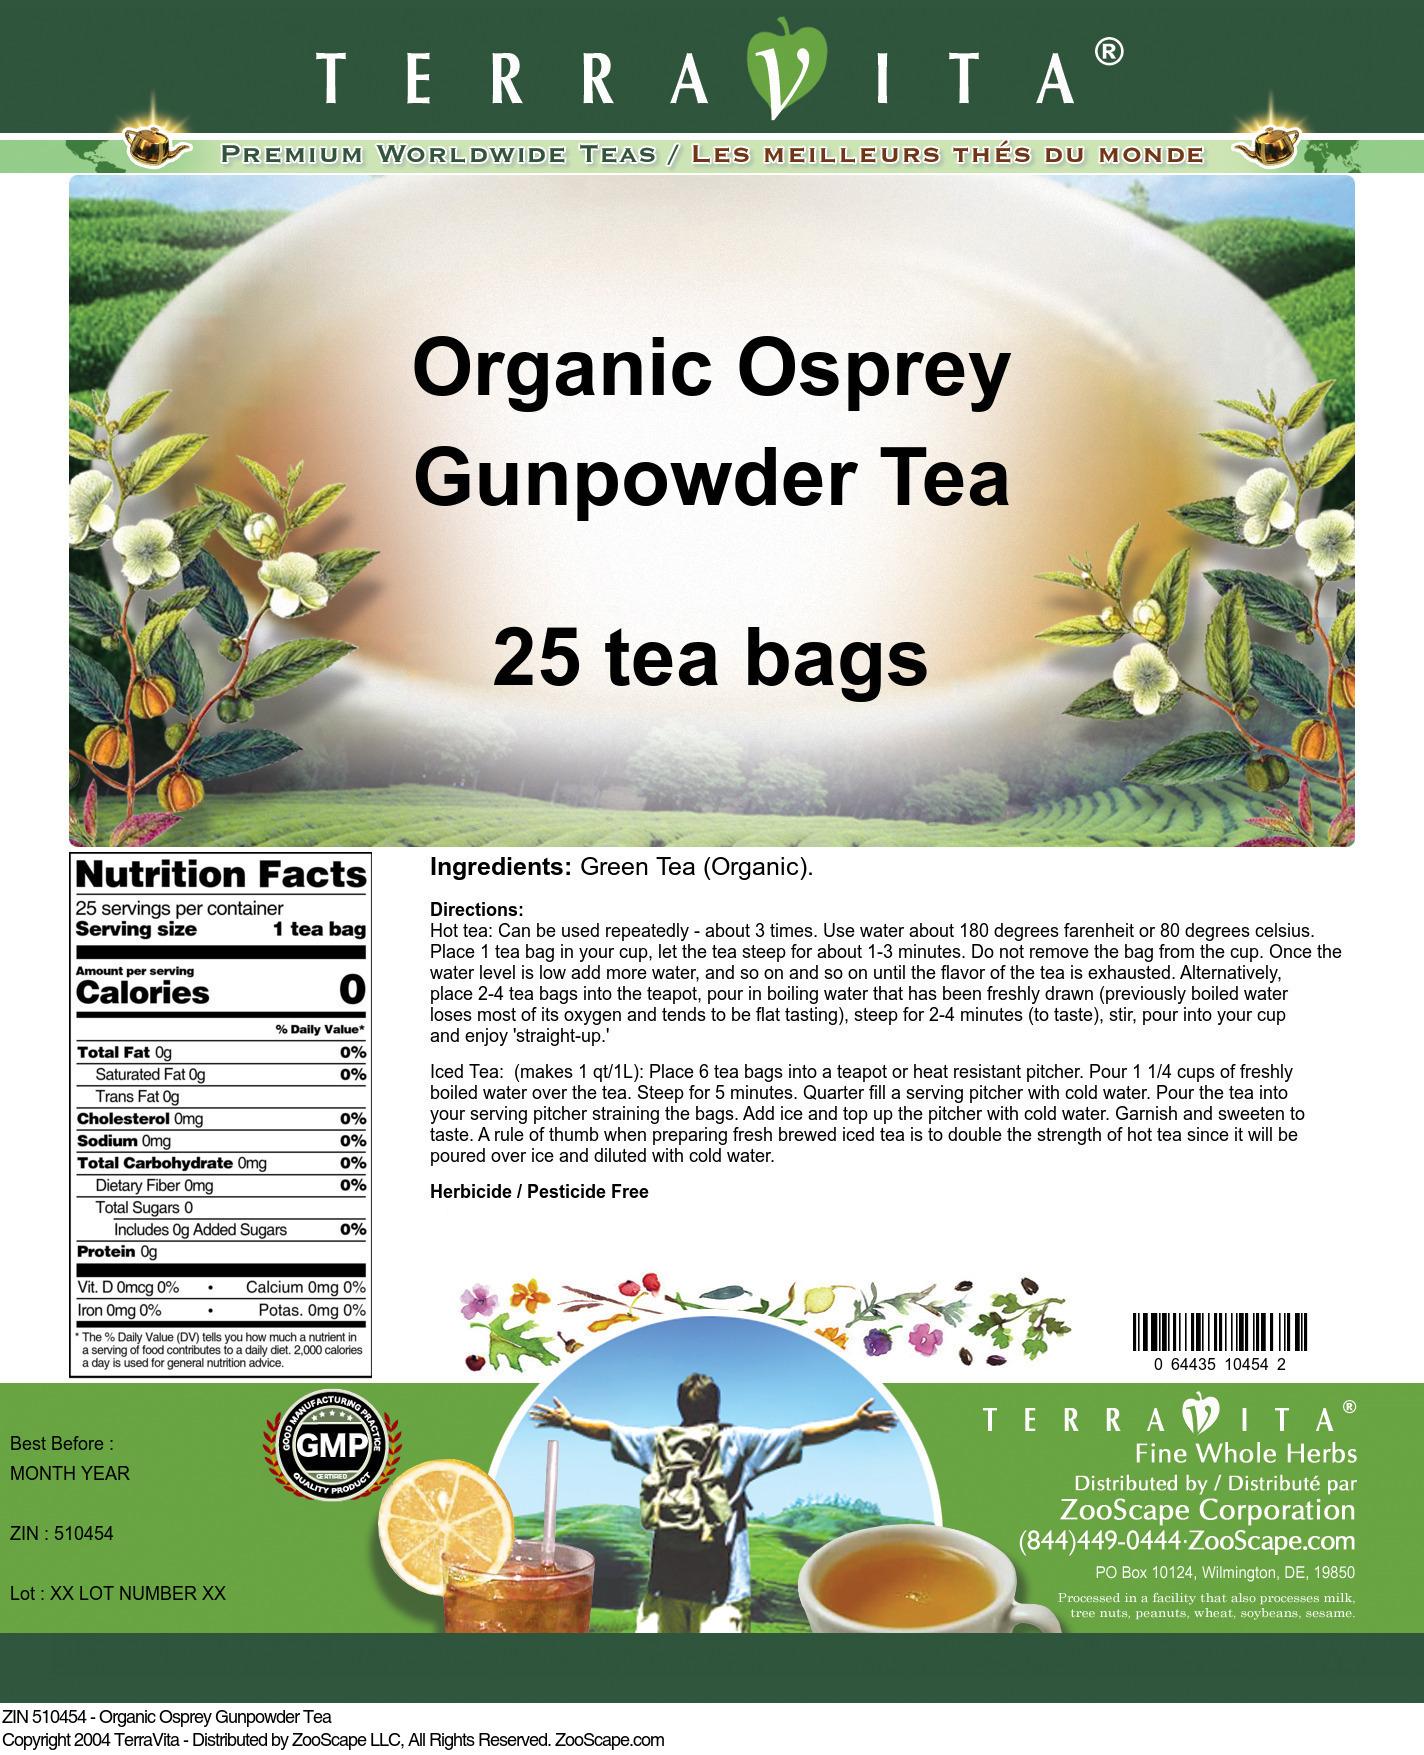 Organic Osprey Gunpowder